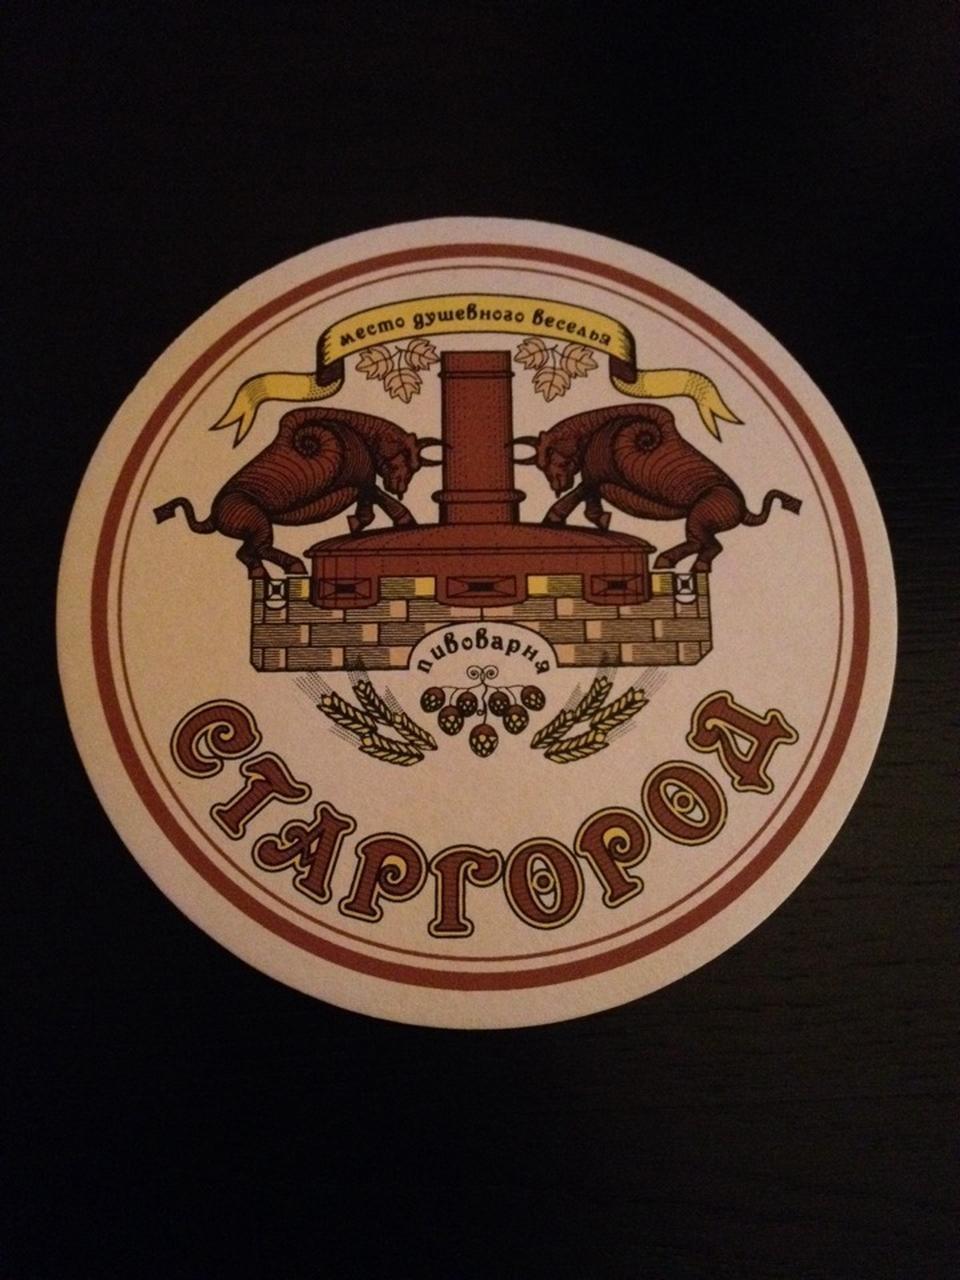 фотография Ресторана-пивоварни Старгород в БЦ Казанский